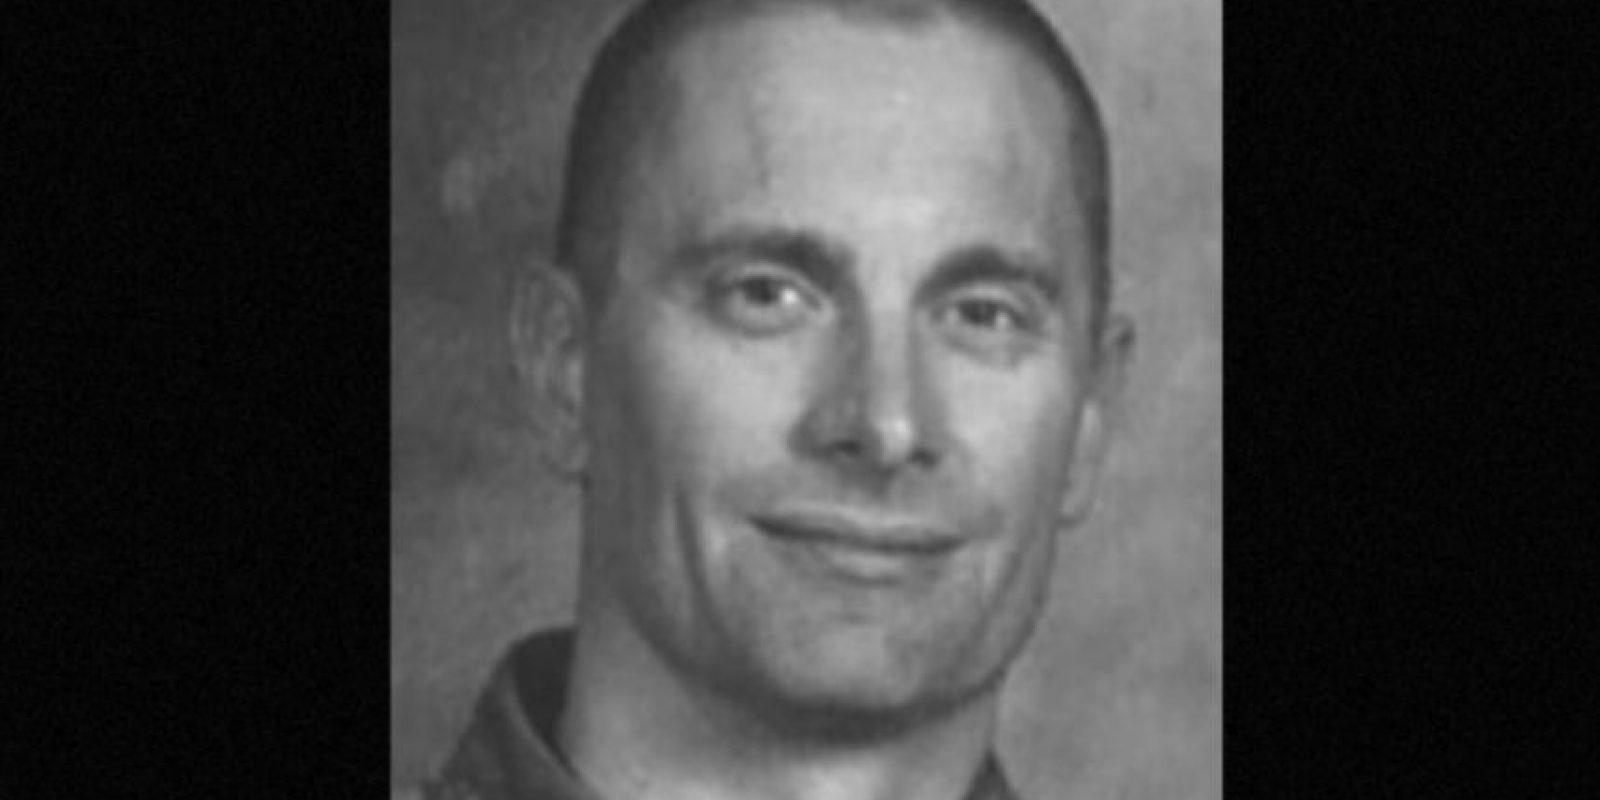 6. Robert William Fisher. Se le busca por haber matado a sus dos hijos y a su esposa en Arizona, en 2001. Se ofrecen 100 mil dólares de recompensa por información que lleve a su captura Foto:fbi.gov/wanted/topten